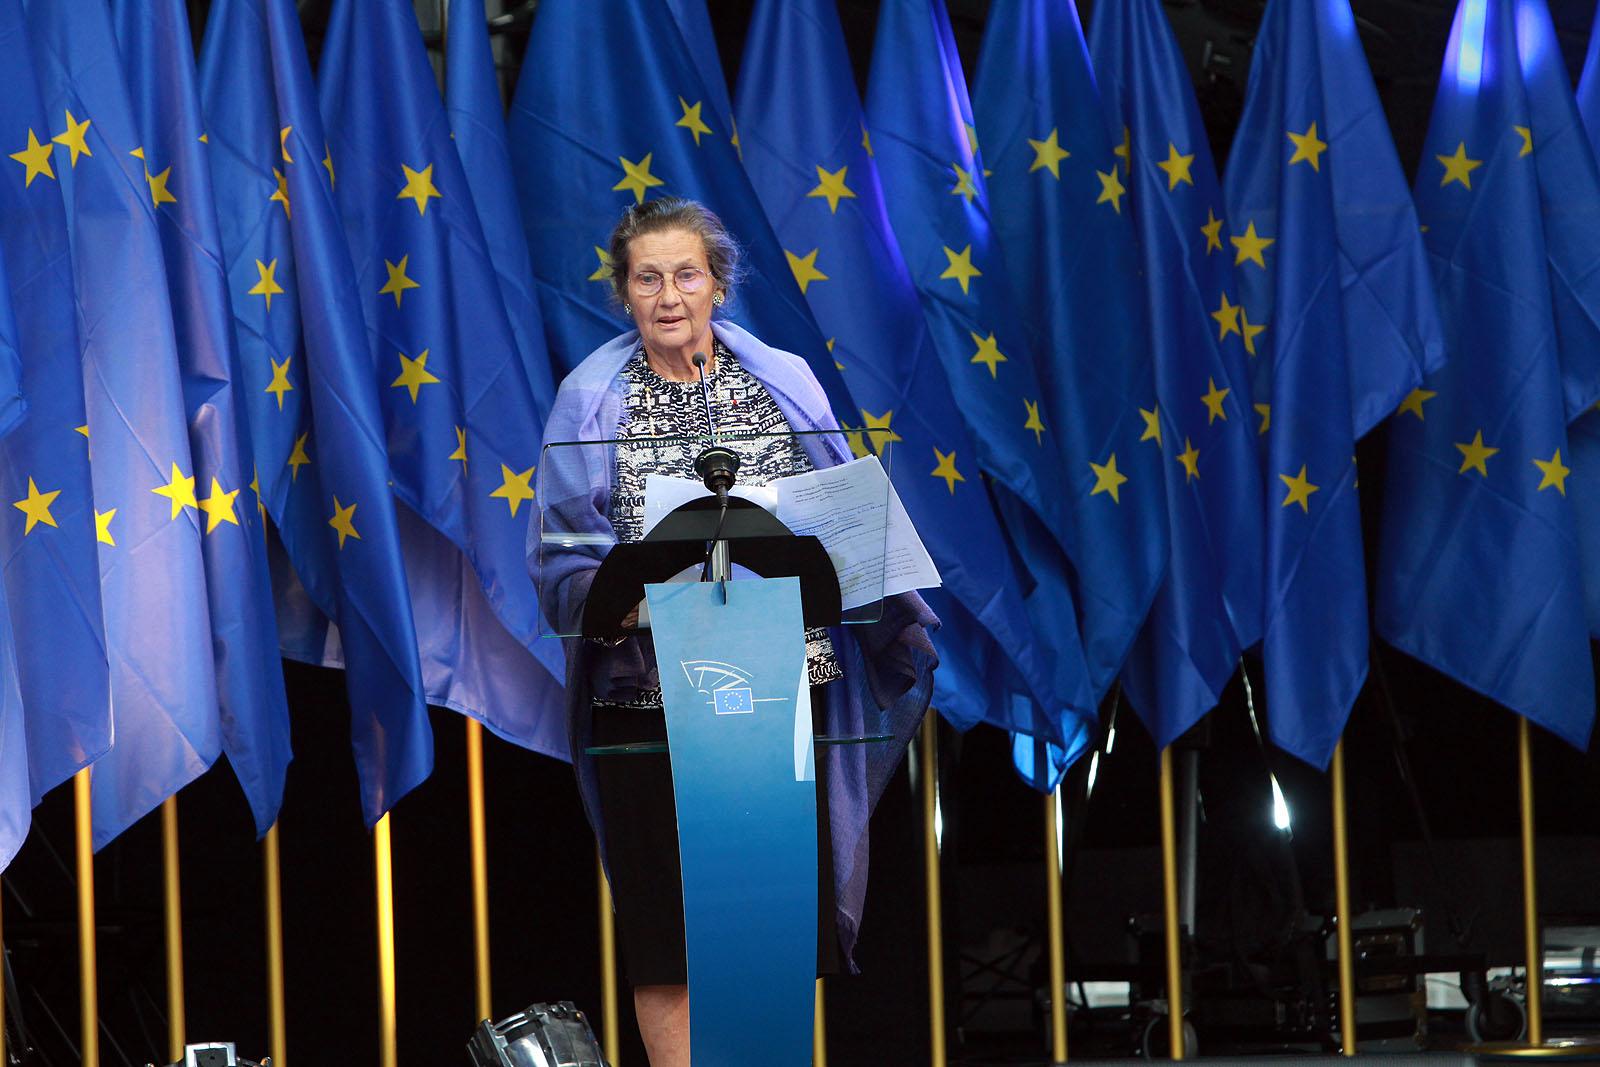 L'égalité entre les femmes et les hommes, principe fondateur de l'UE